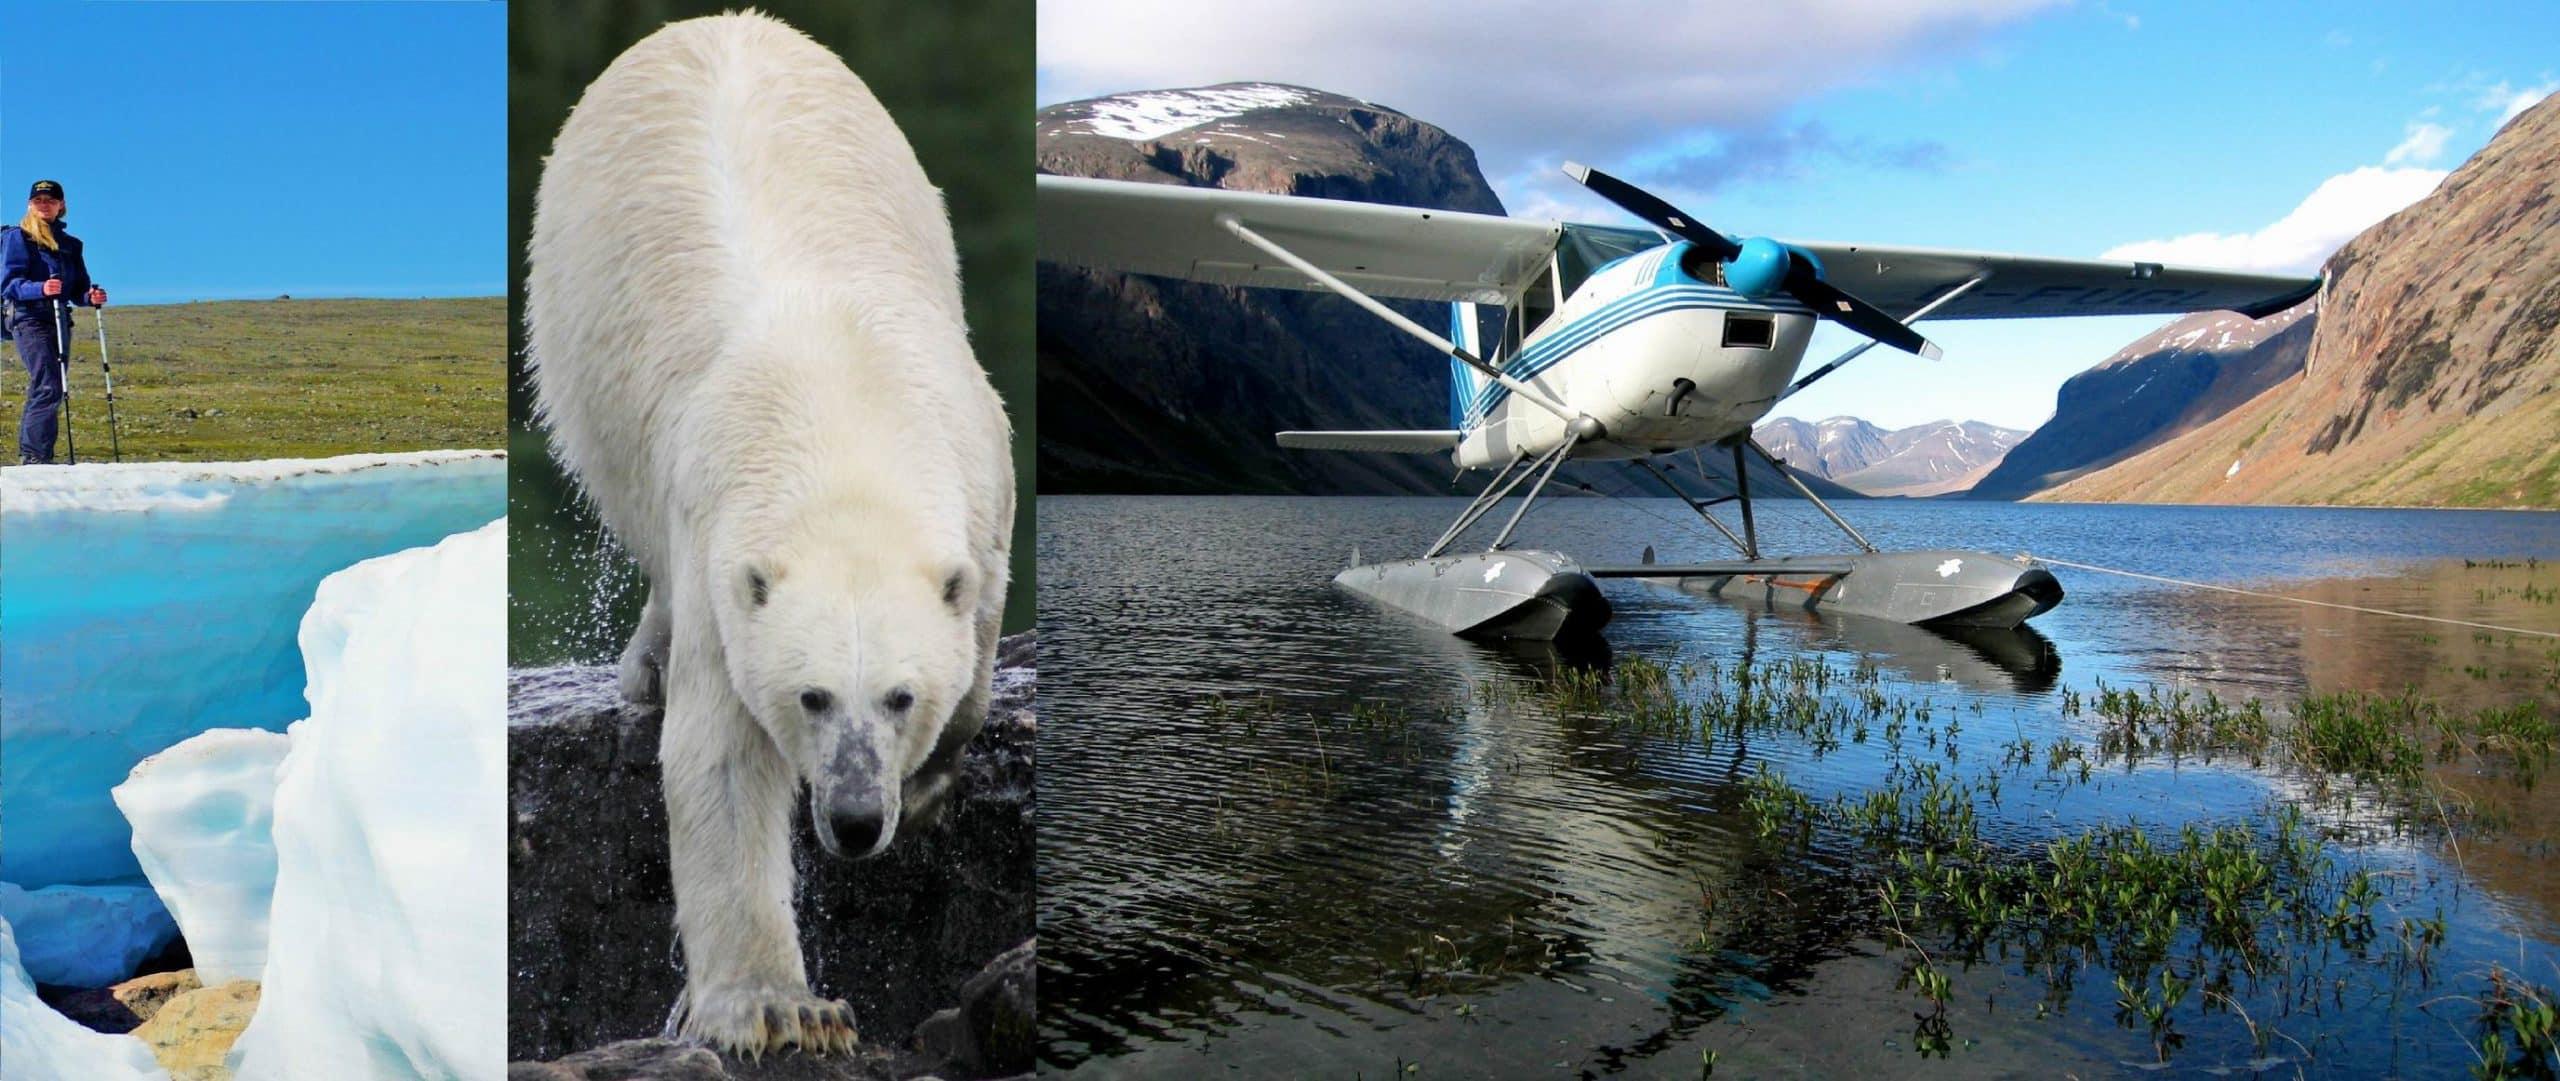 Air safari in Arctic Quebec and Labrador